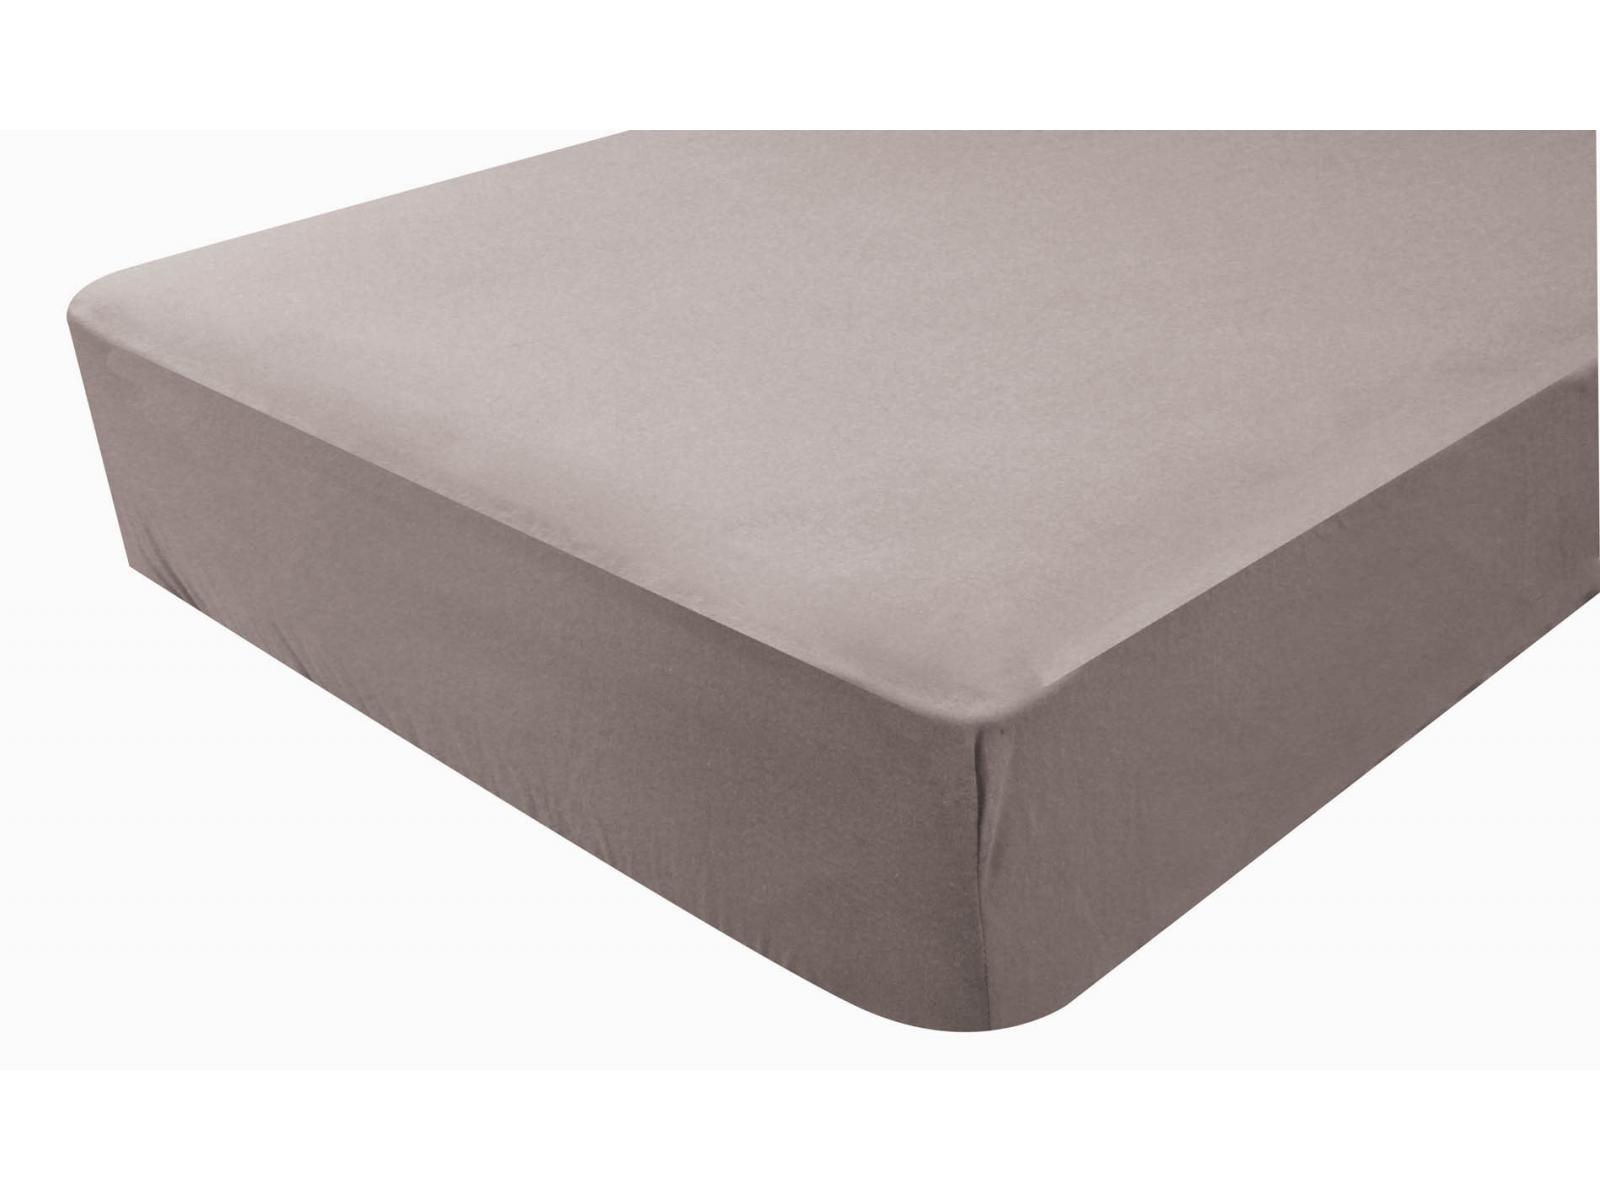 doux nid drap housse imperm able 60x120 cm taupe. Black Bedroom Furniture Sets. Home Design Ideas